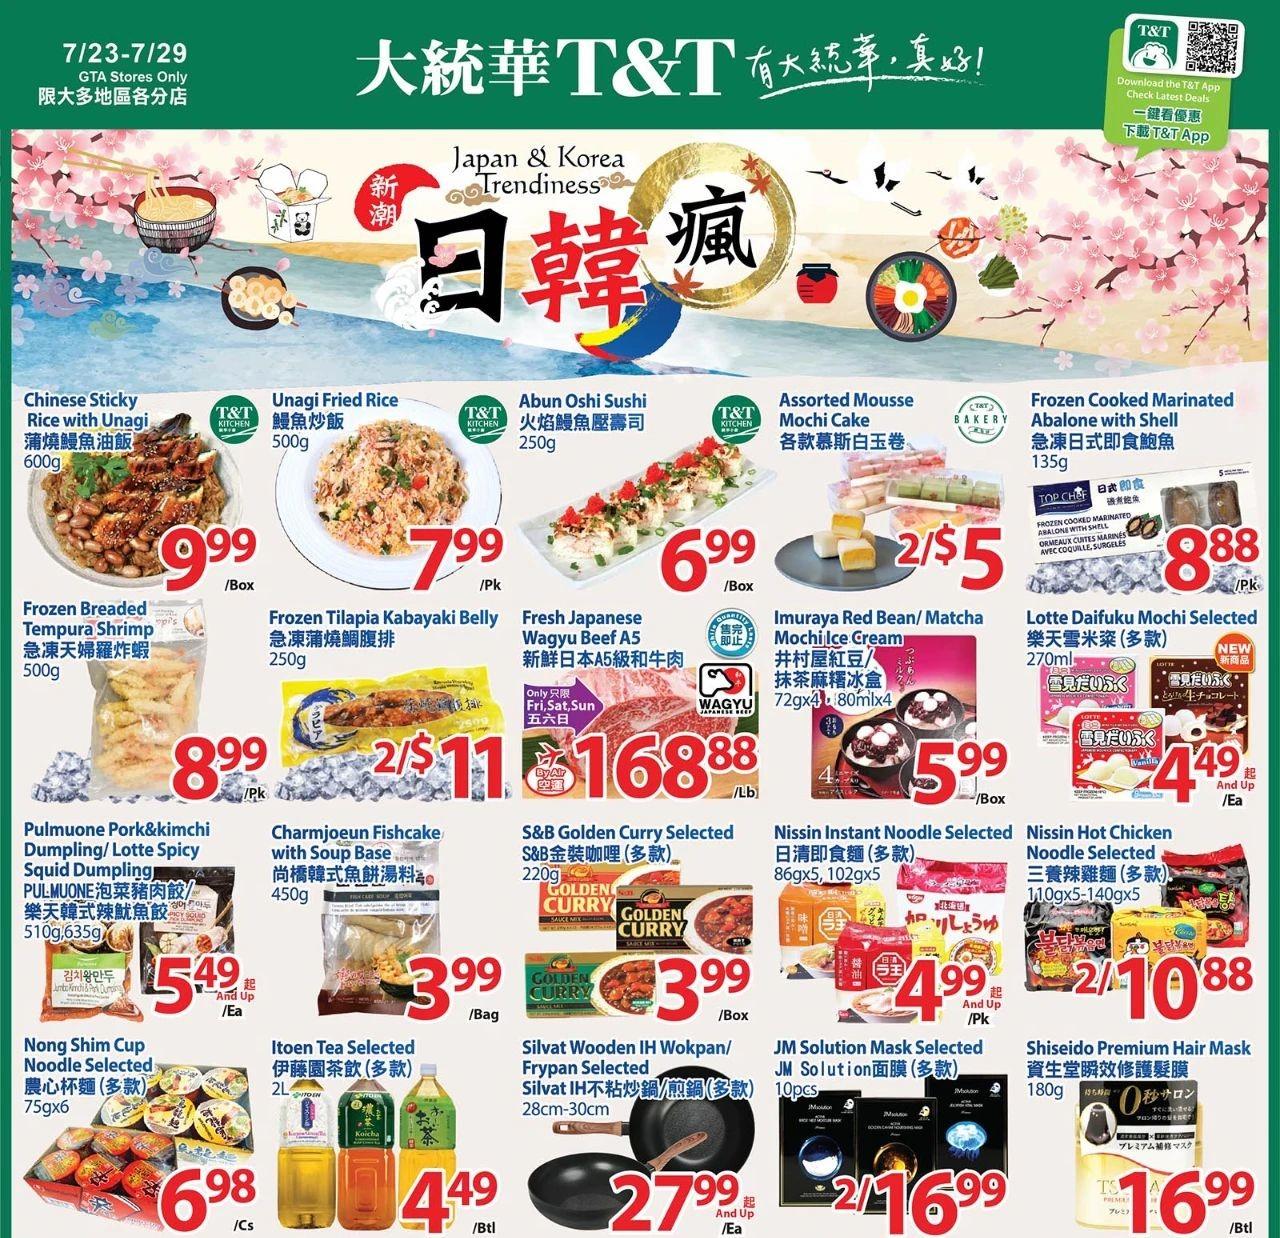 TNT Supermarket GTA Flyer   Jul 23